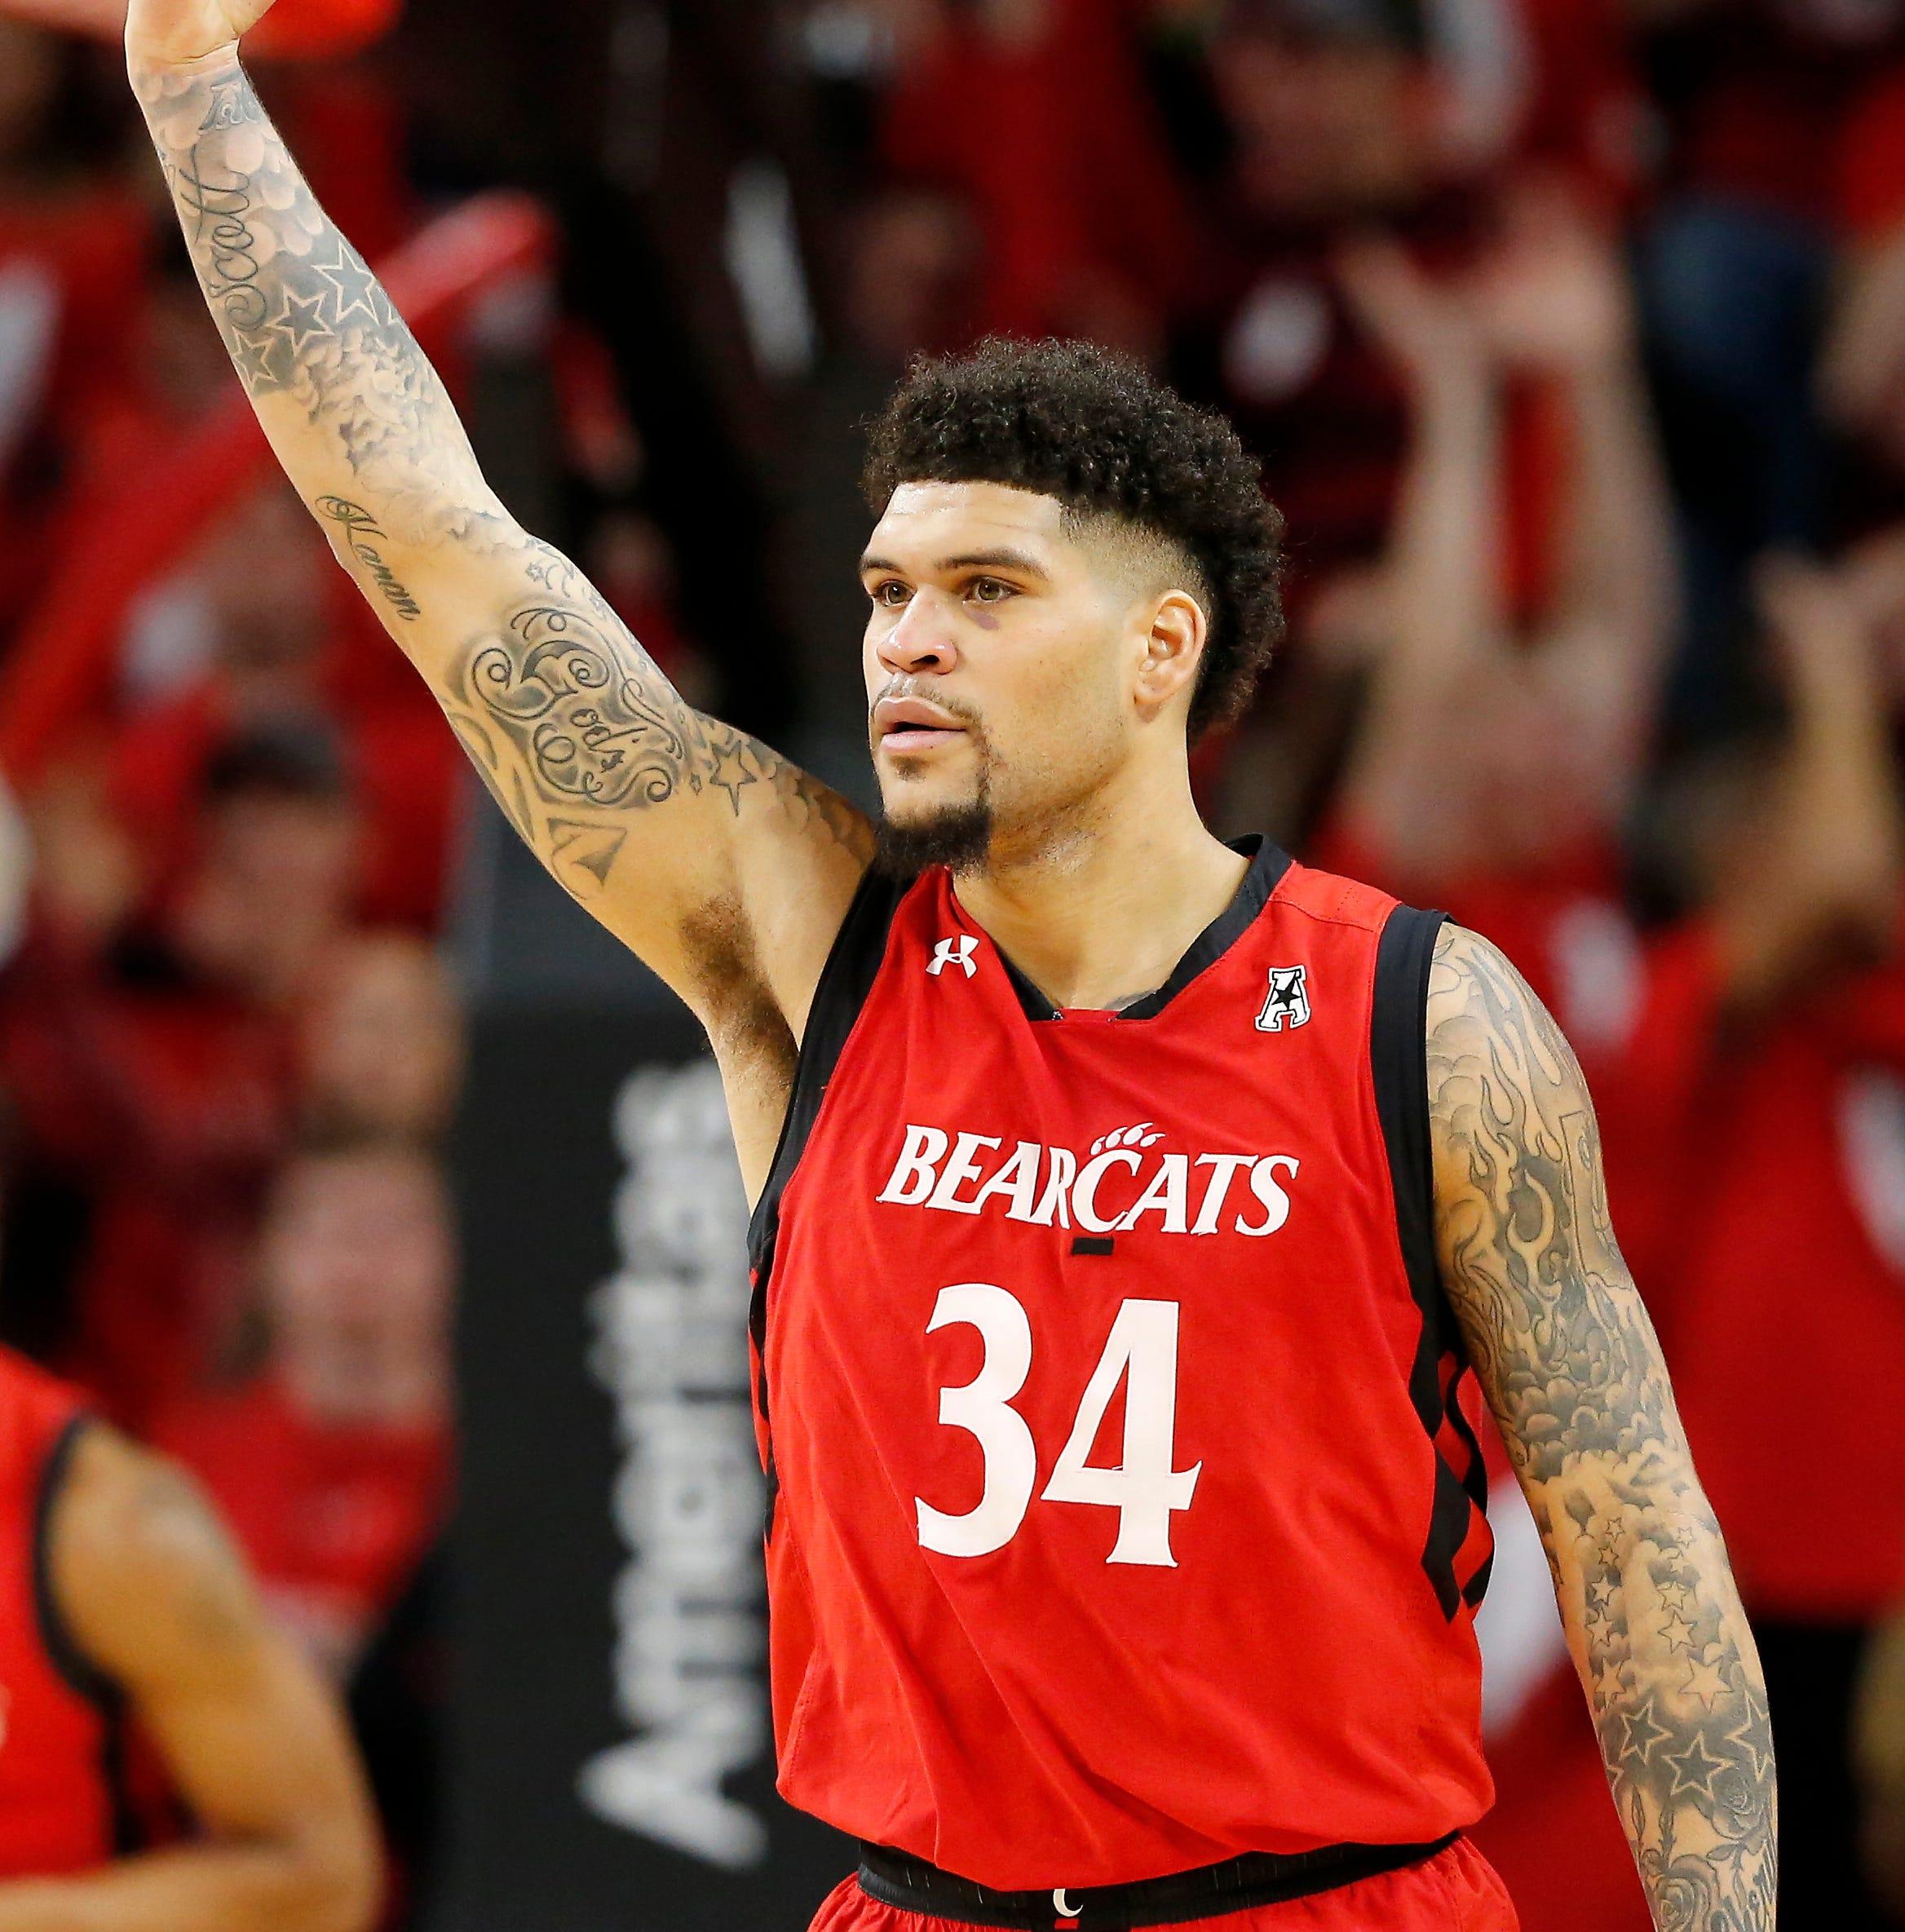 Crosstown Shootout: Cincinnati Bearcats down Xavier, 62-47